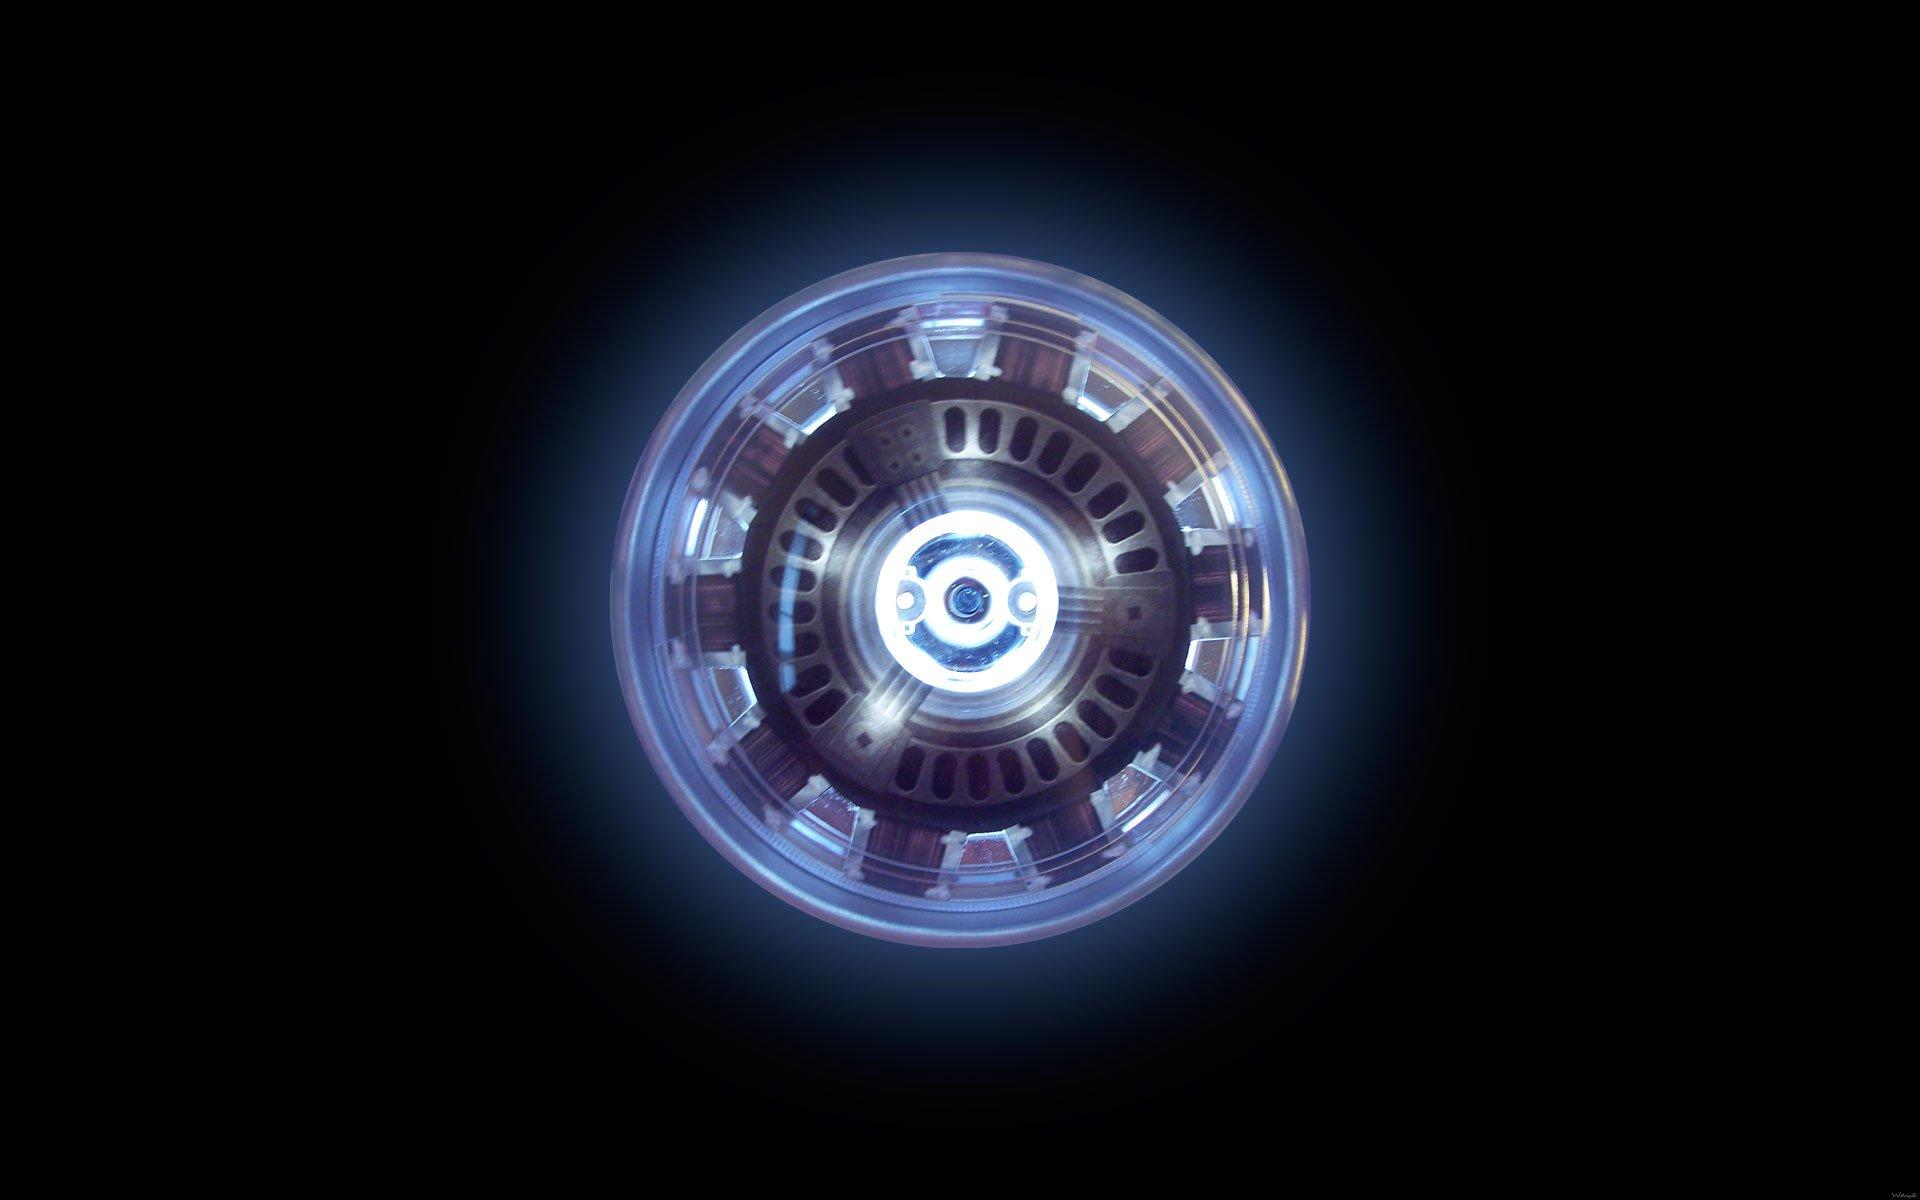 Iron Man Arc reactor wallpaper 1920x1200 254303 WallpaperUP 1920x1200